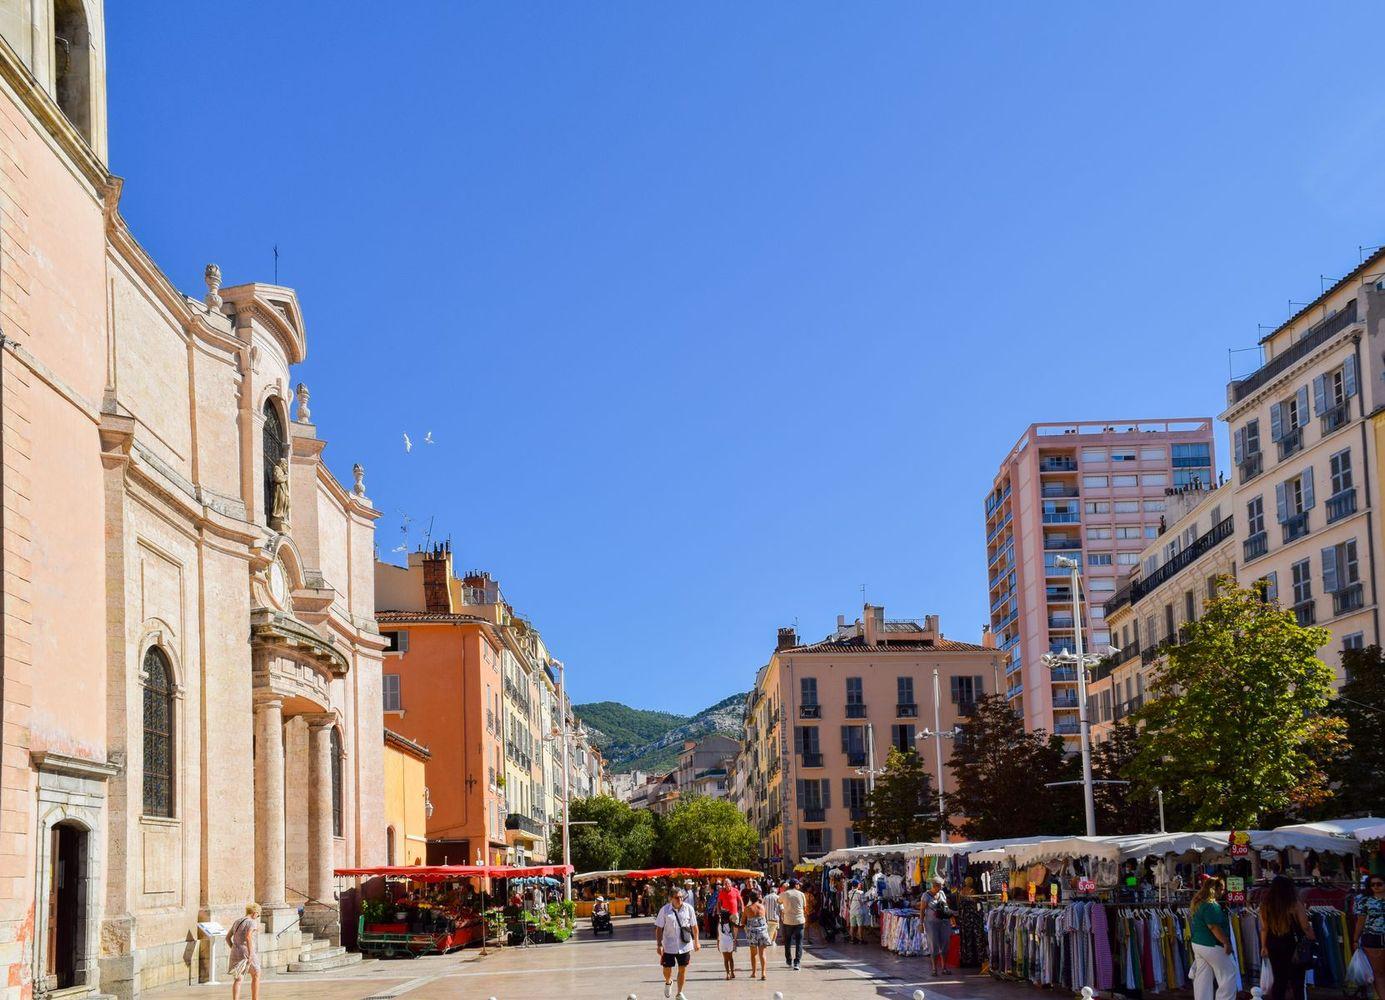 Cours Lafayette Market Toulon, Provence, France